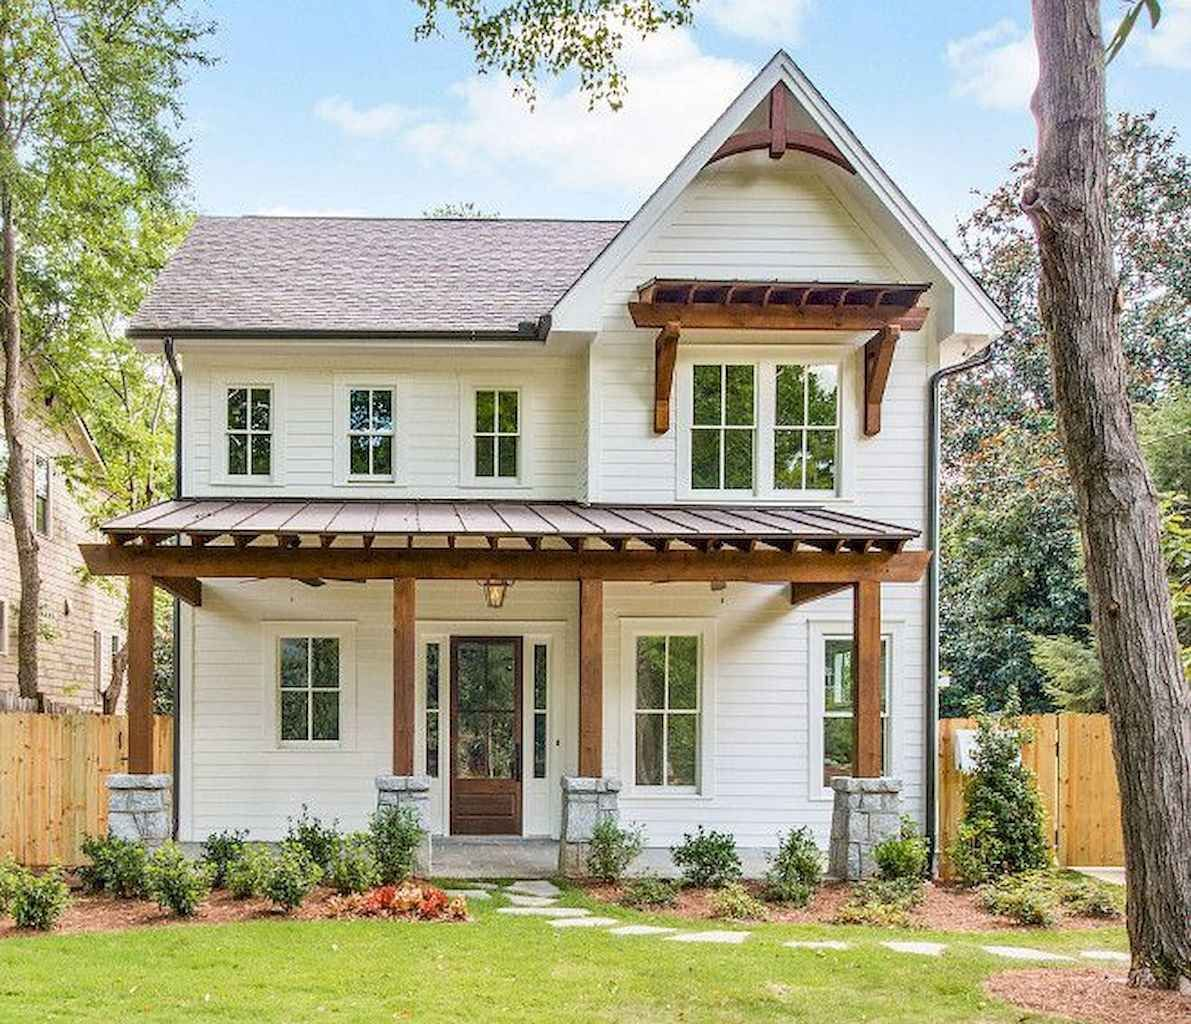 Home Design Ideas Exterior Photos: 75+ Rustic Farmhouse Exterior Design Ideas